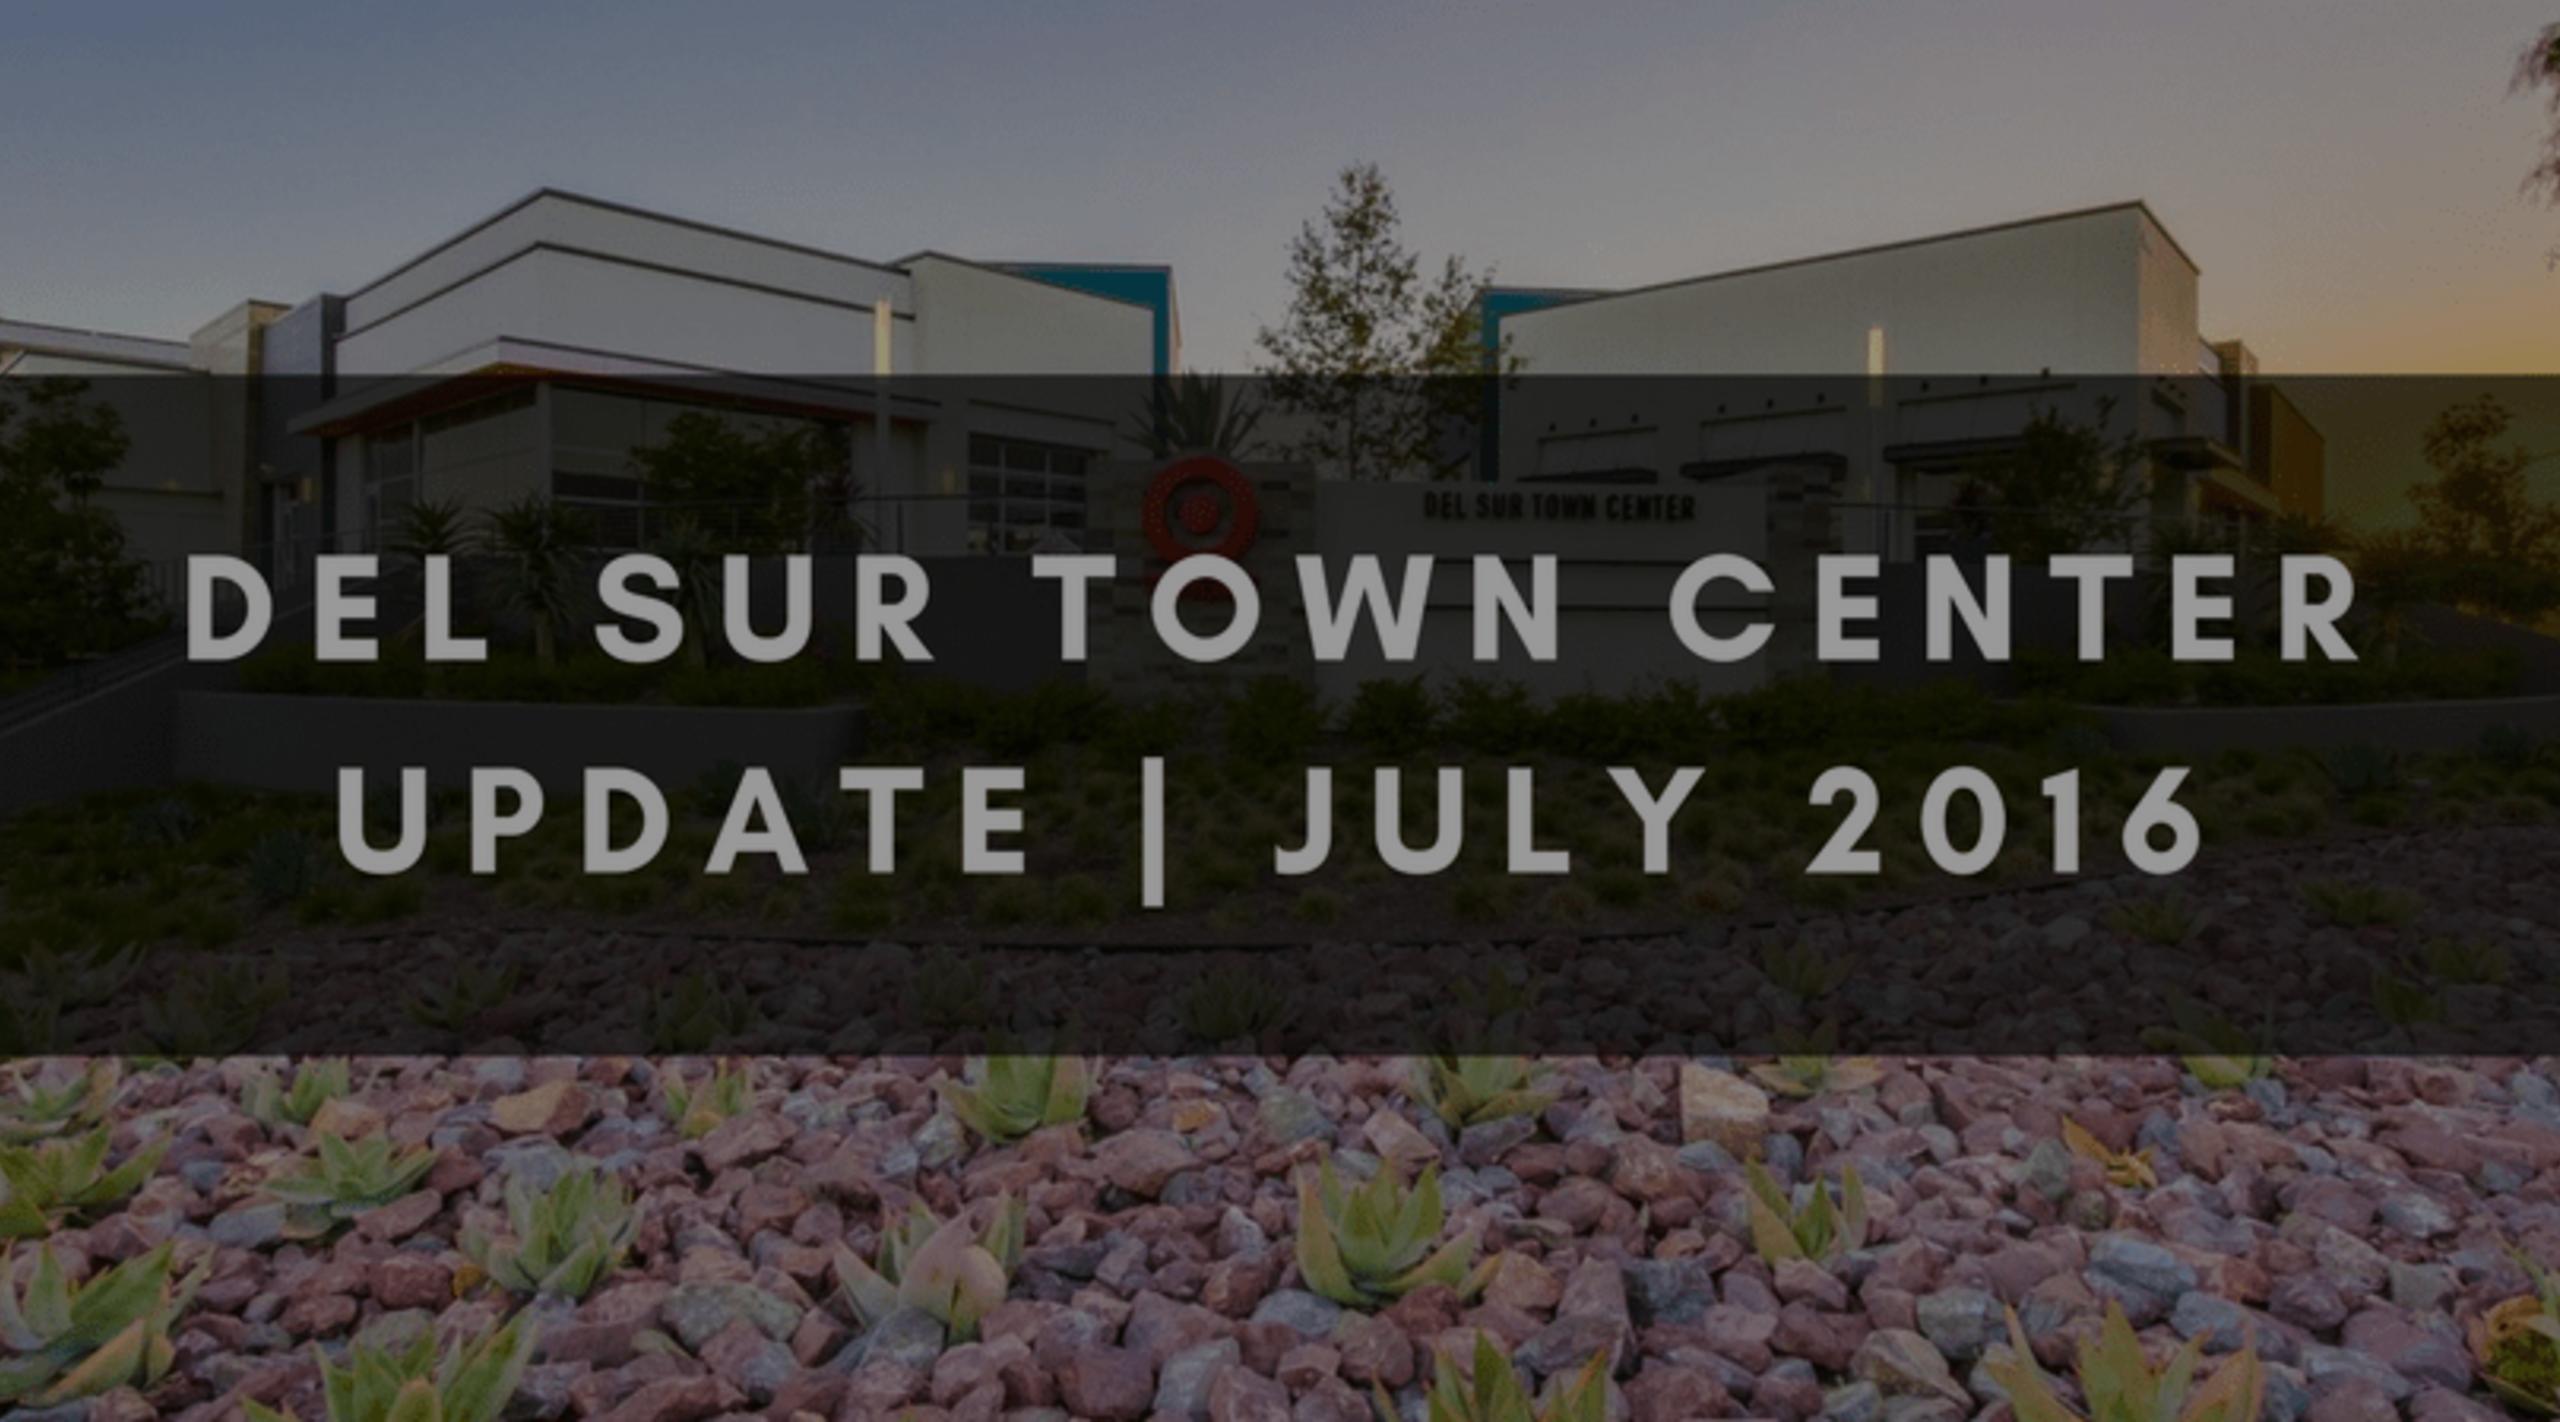 DEL SUR TOWN CENTER UPDATE   JULY 2016